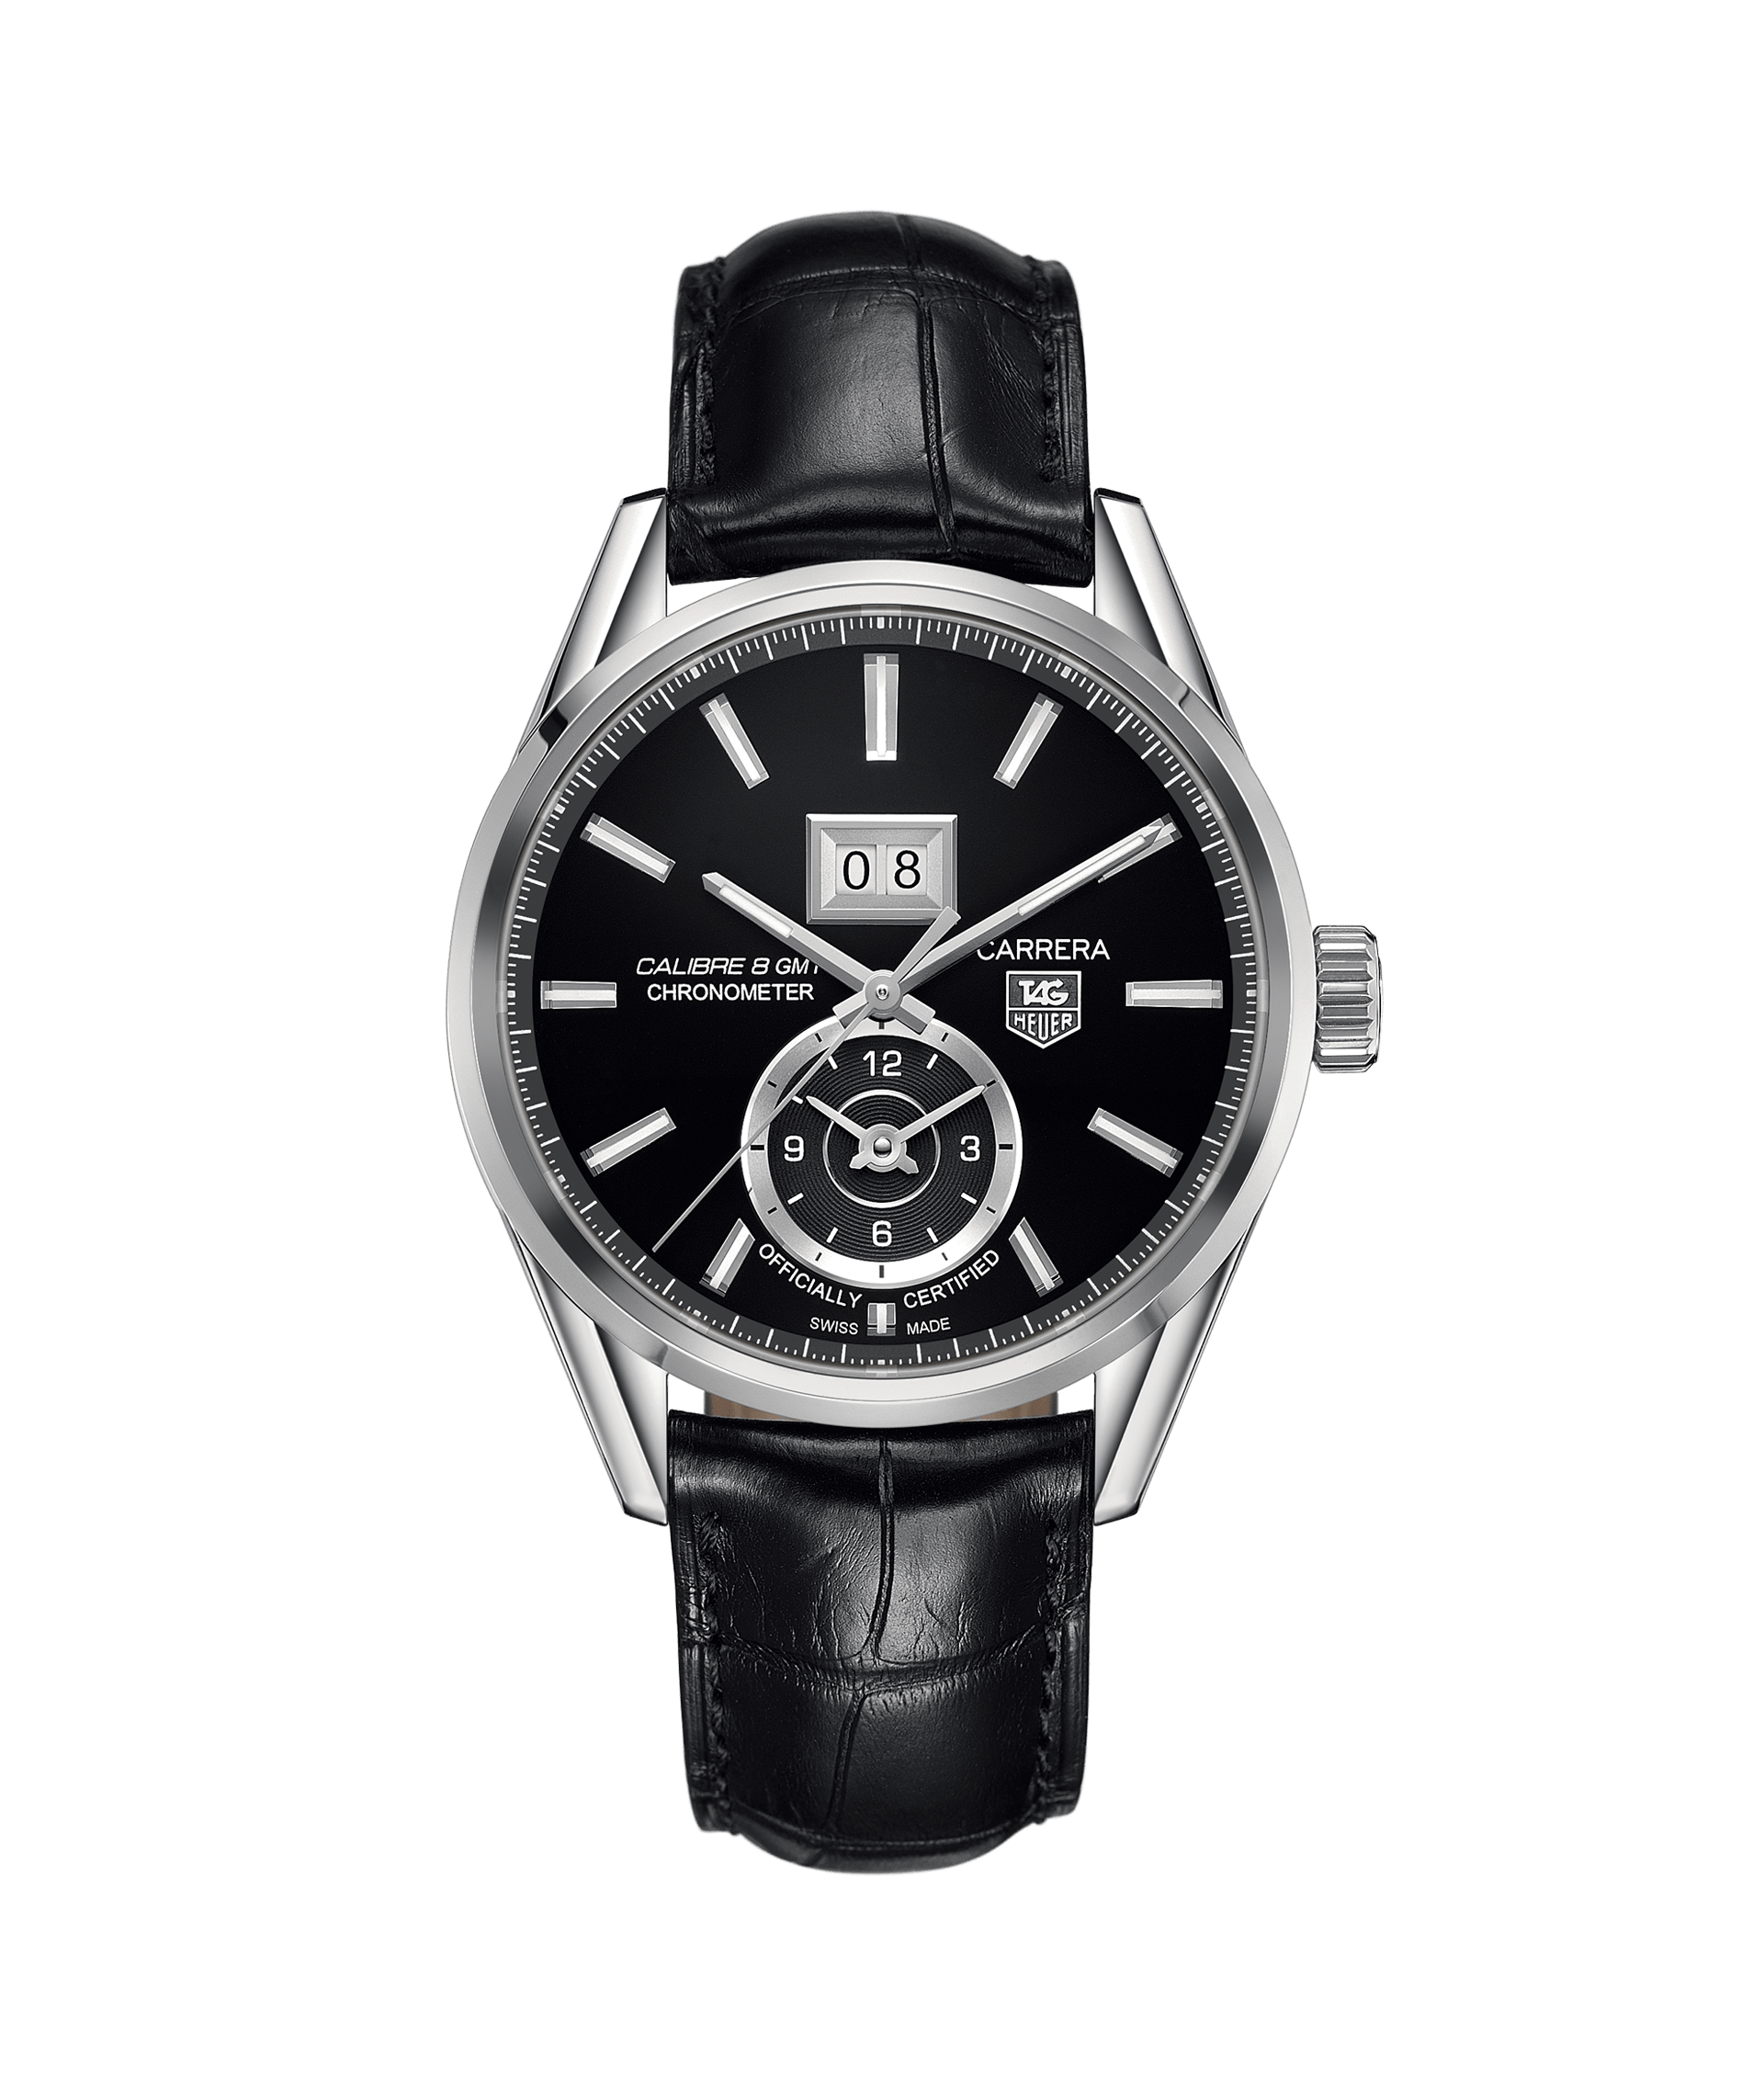 タグ・ホイヤー カレラ オートマティック GMTグランドデイト WAR5010.FC6266